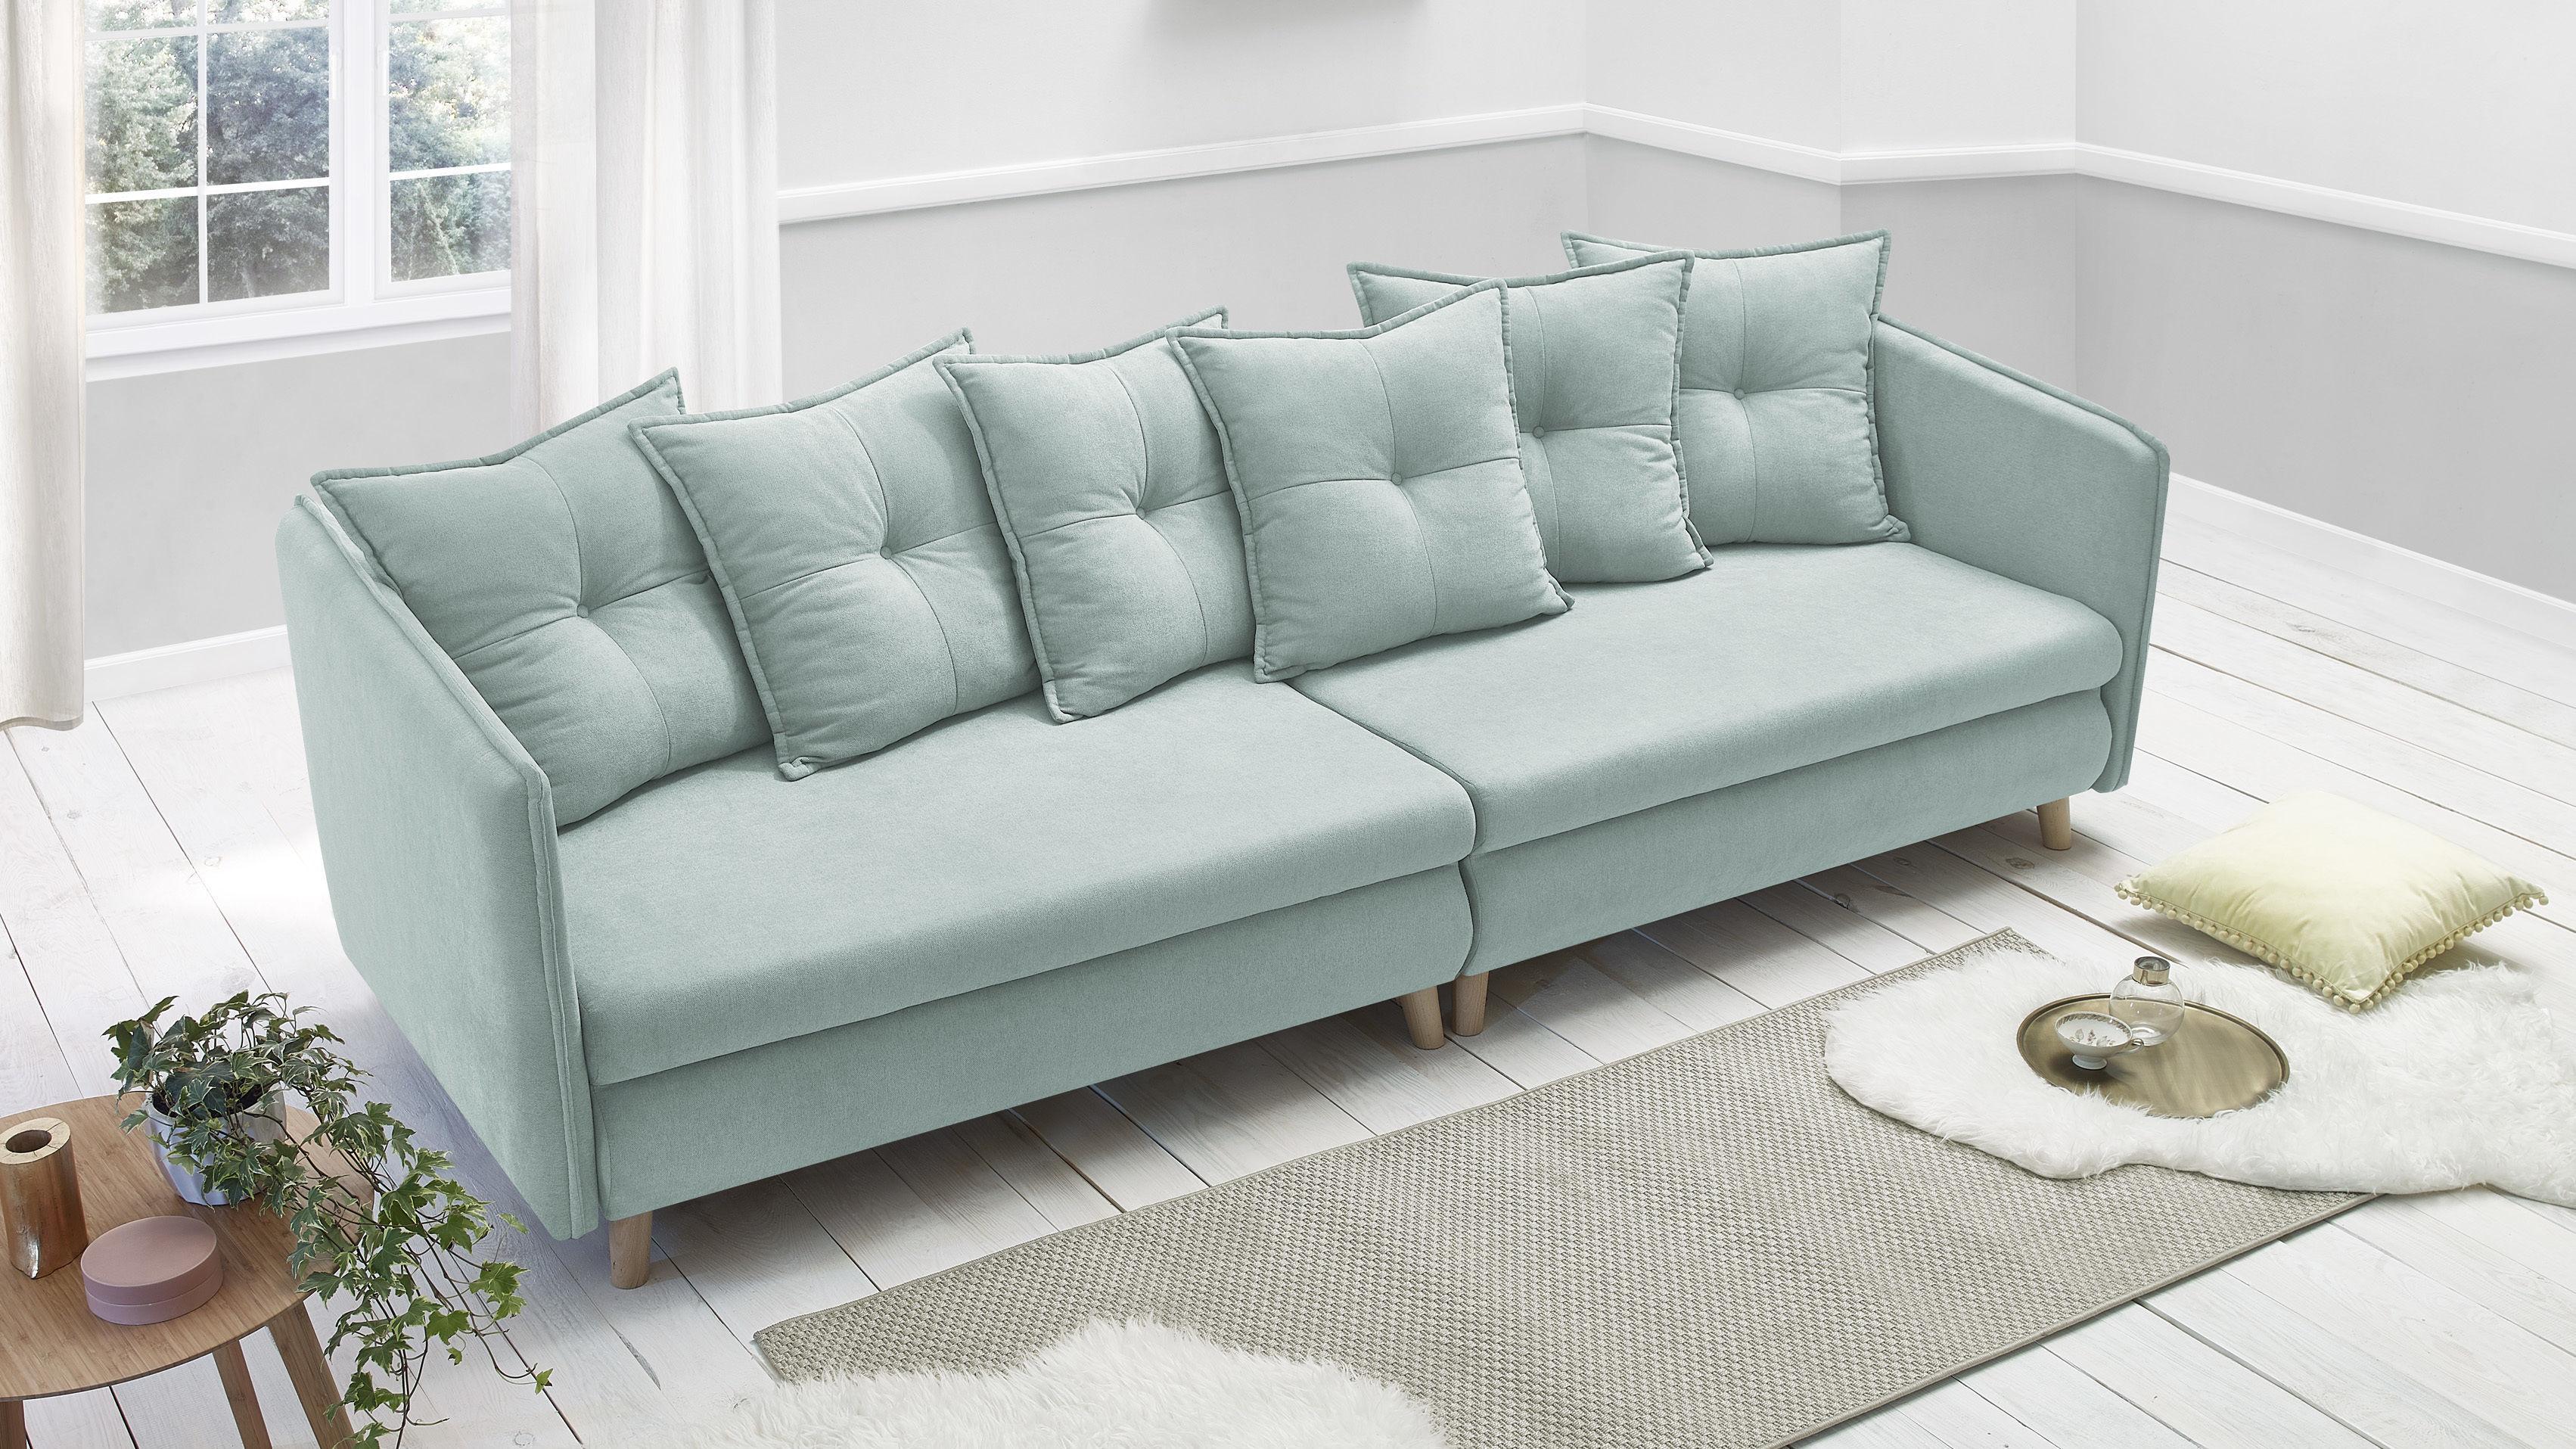 bobochic canap opti sofa 4 places convertible bleu poudr 103cm x 77cm x 264cm achat. Black Bedroom Furniture Sets. Home Design Ideas